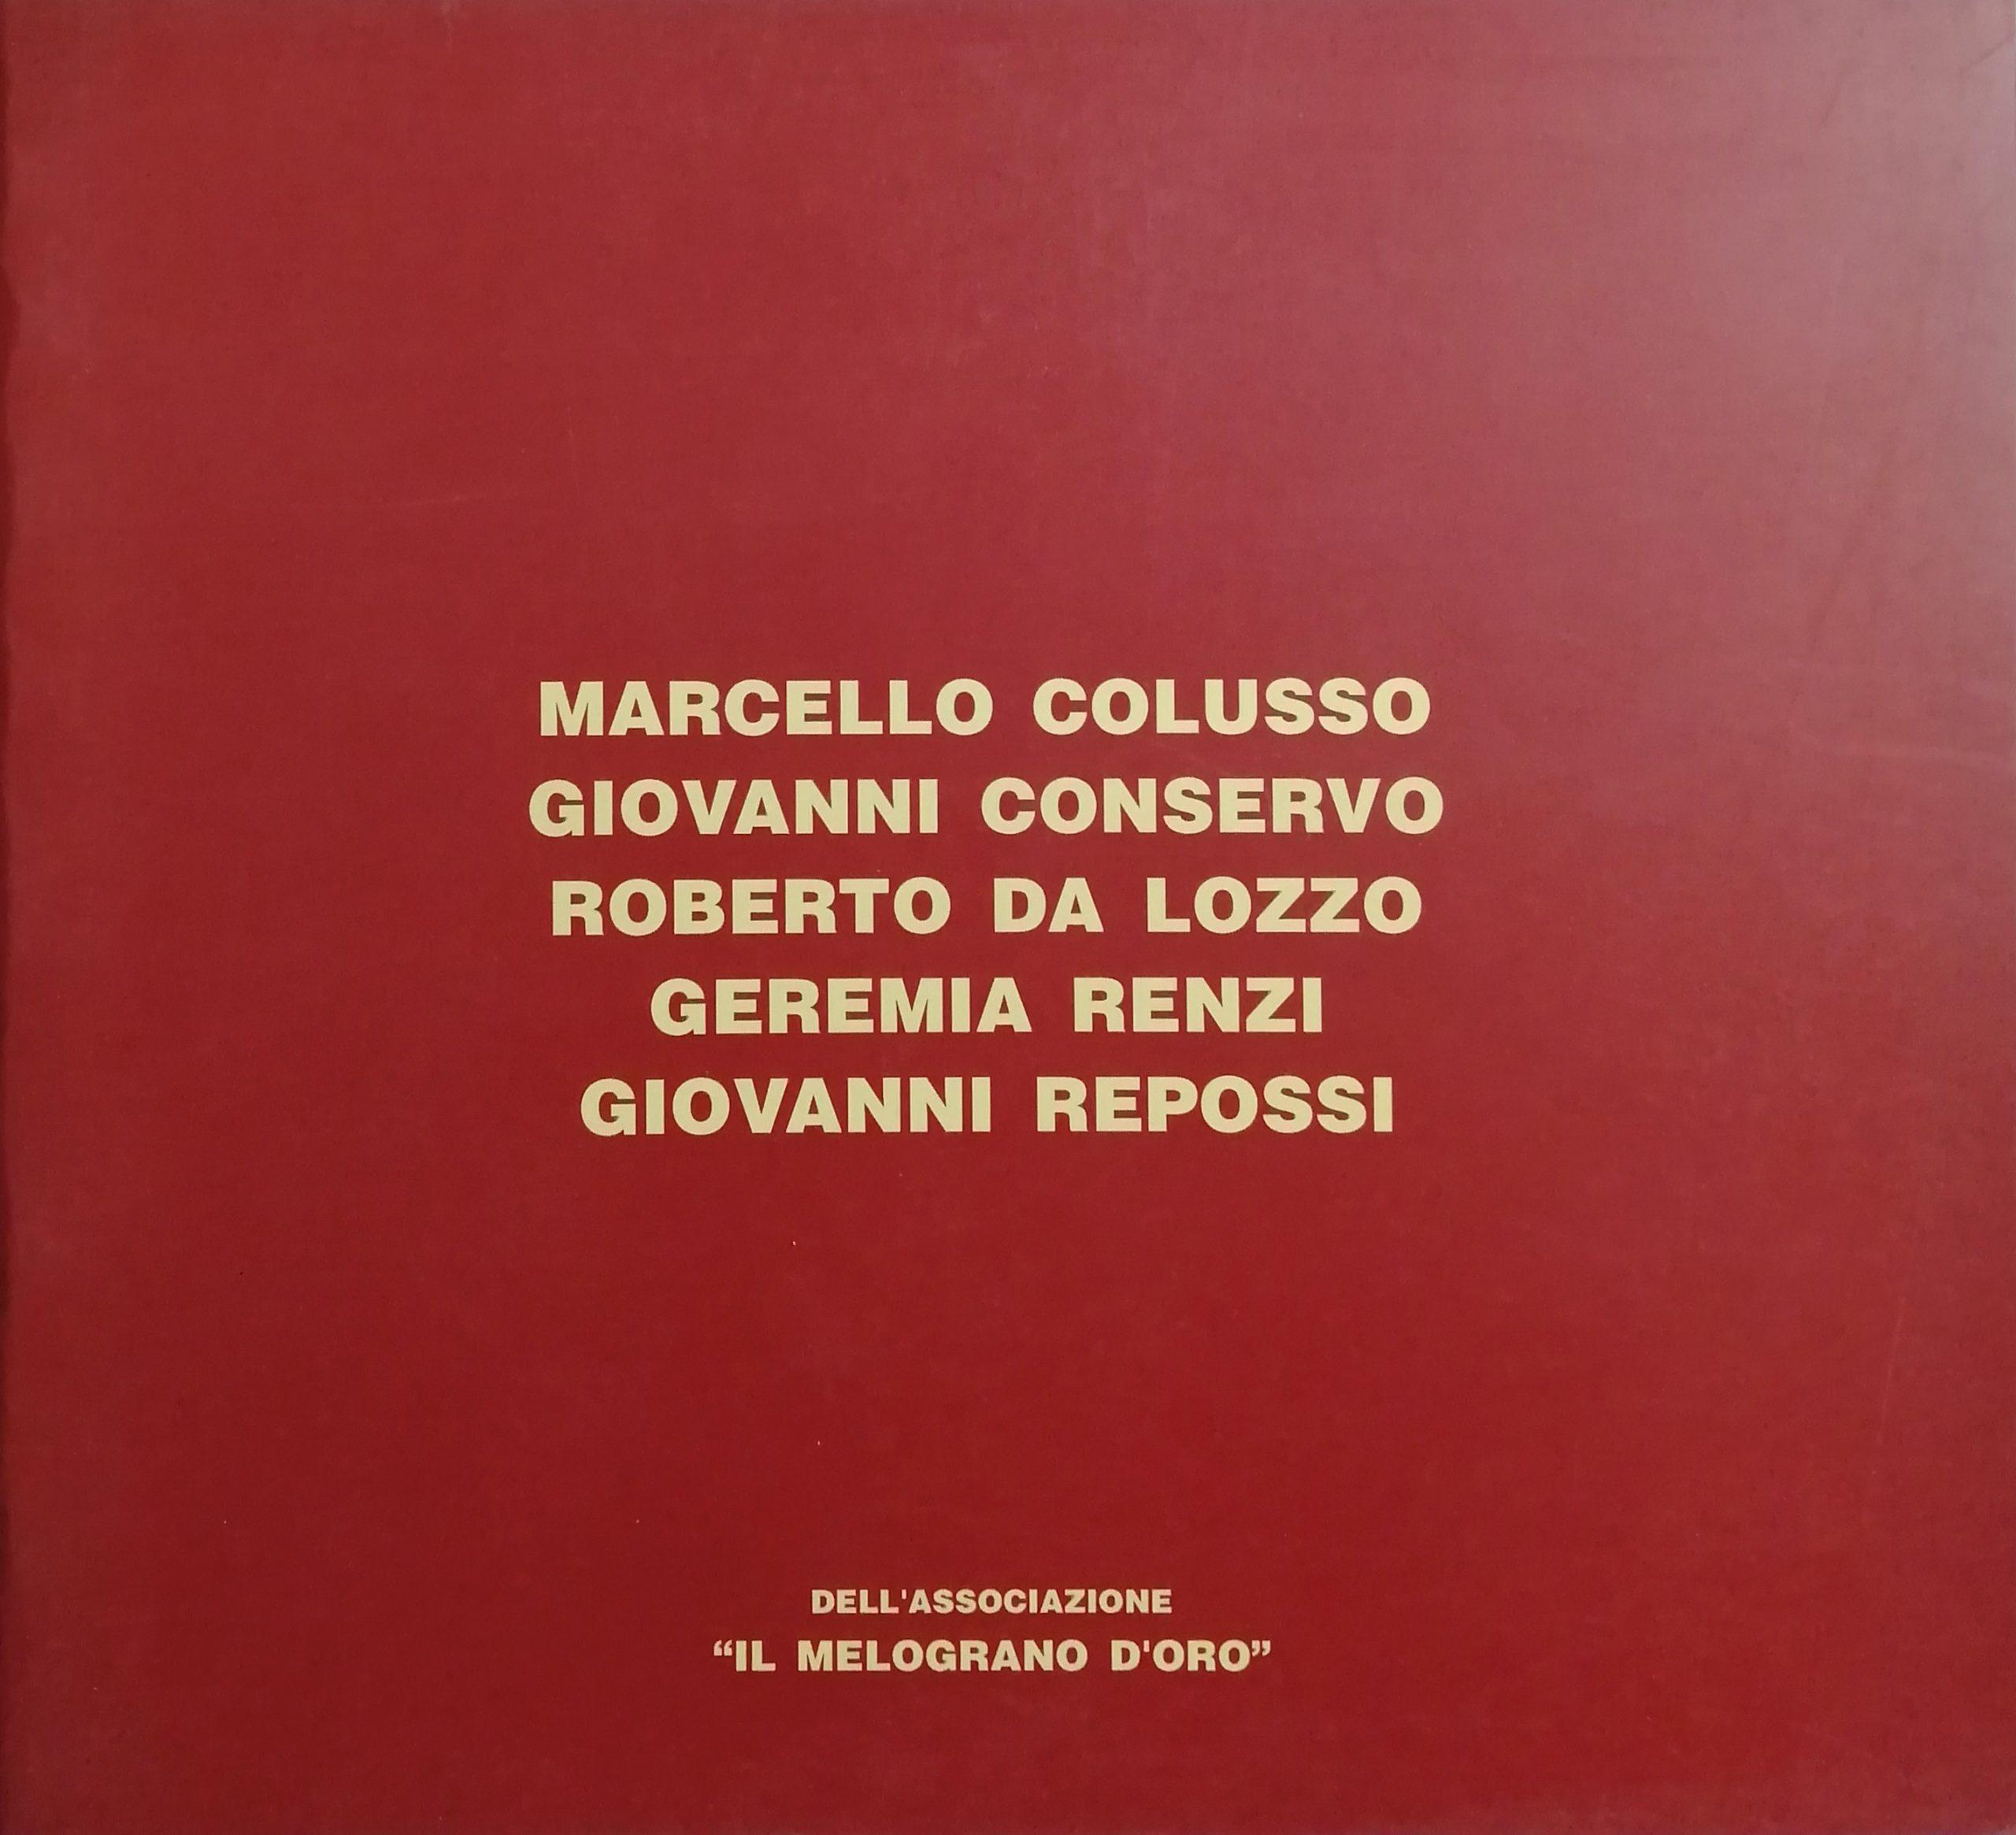 1994 Catalogo Il Melograno doro scaled - Bibliography/ Catalogues